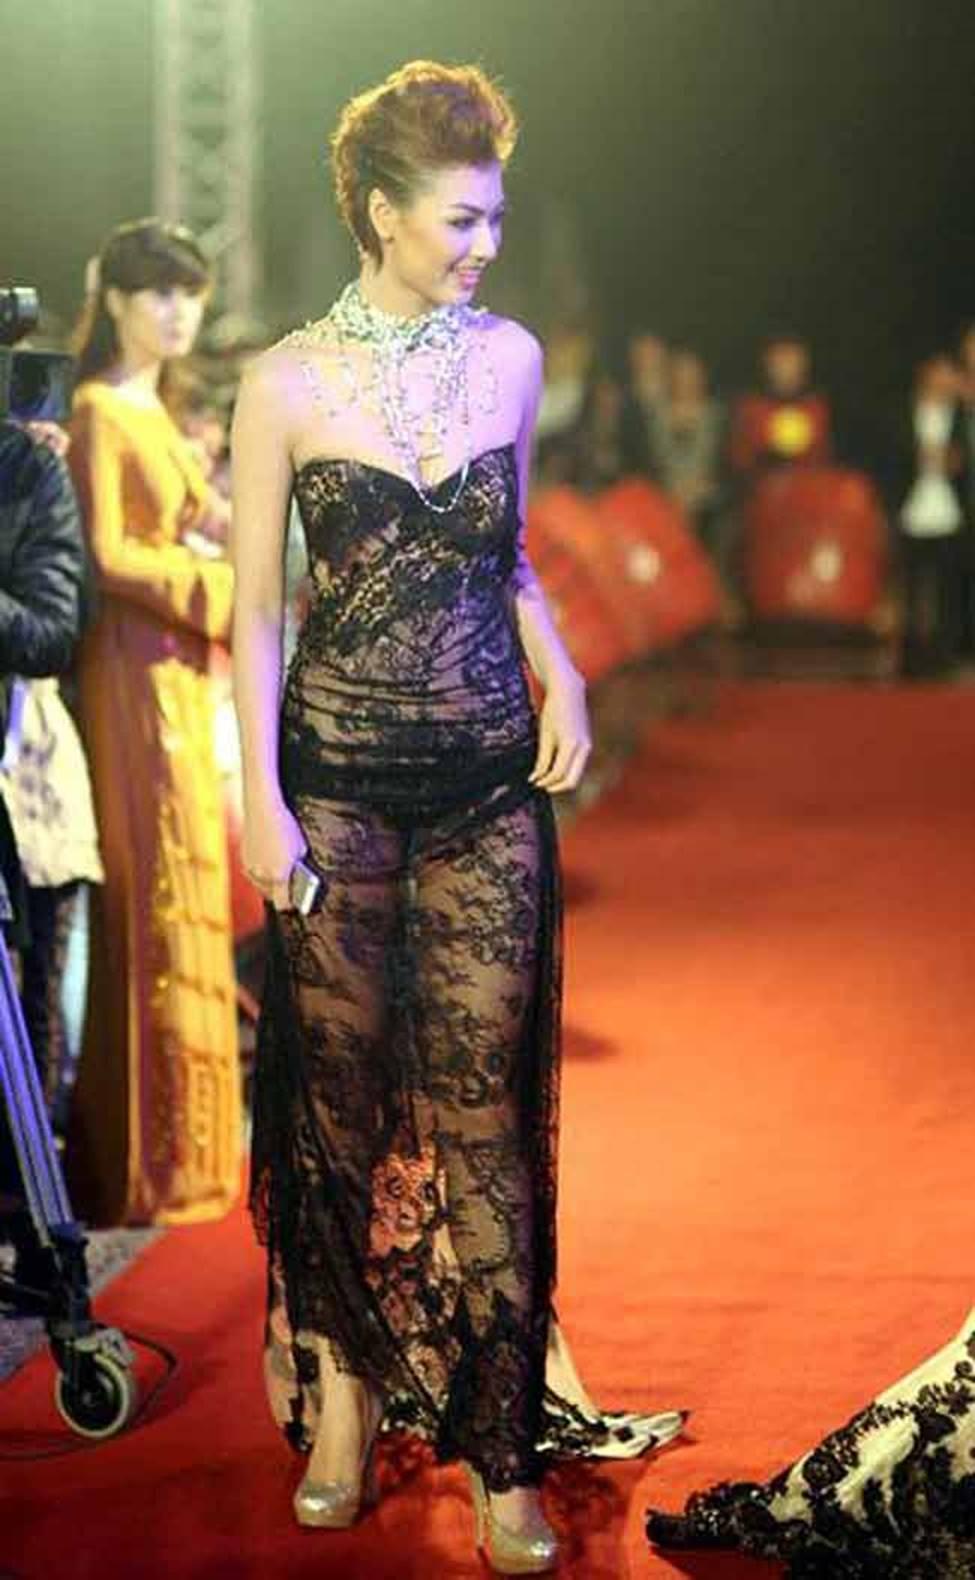 Sau khi trở lại, Hồng Quế vẫn liên tiếp gây ồn ào với cách ăn mặc gái hư-9